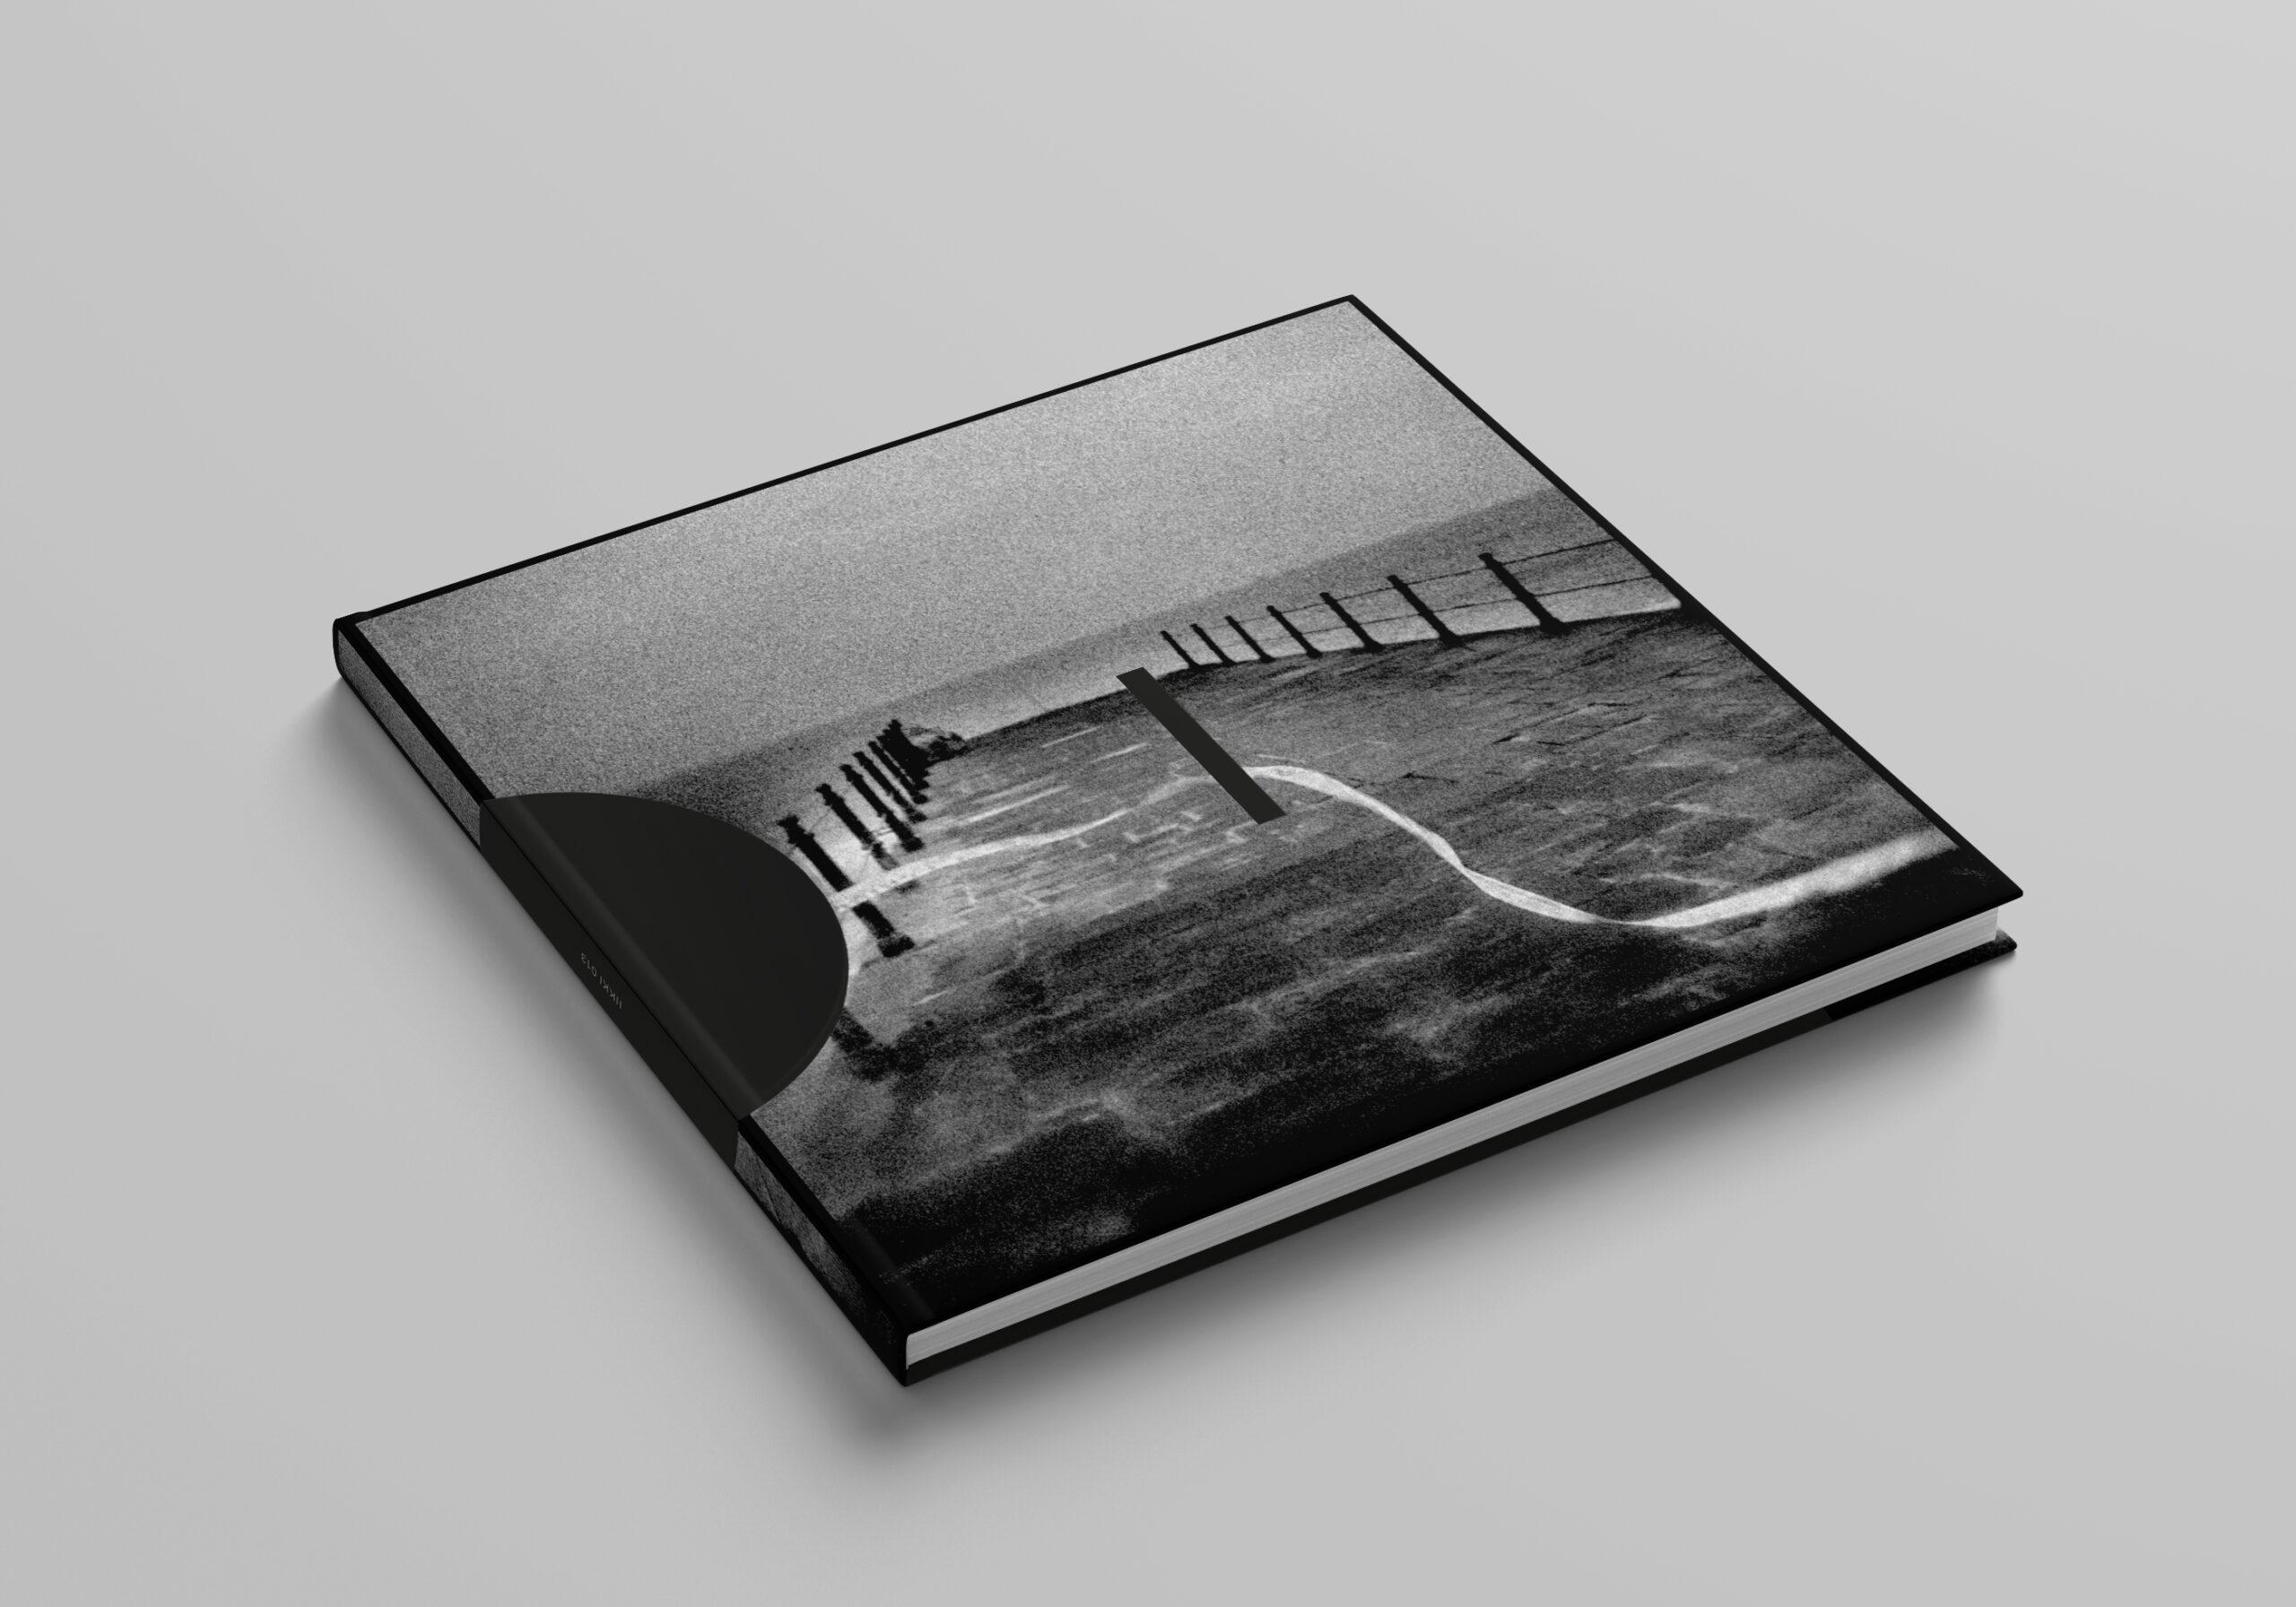 iikki-013-BOOK-PROMO-Cover